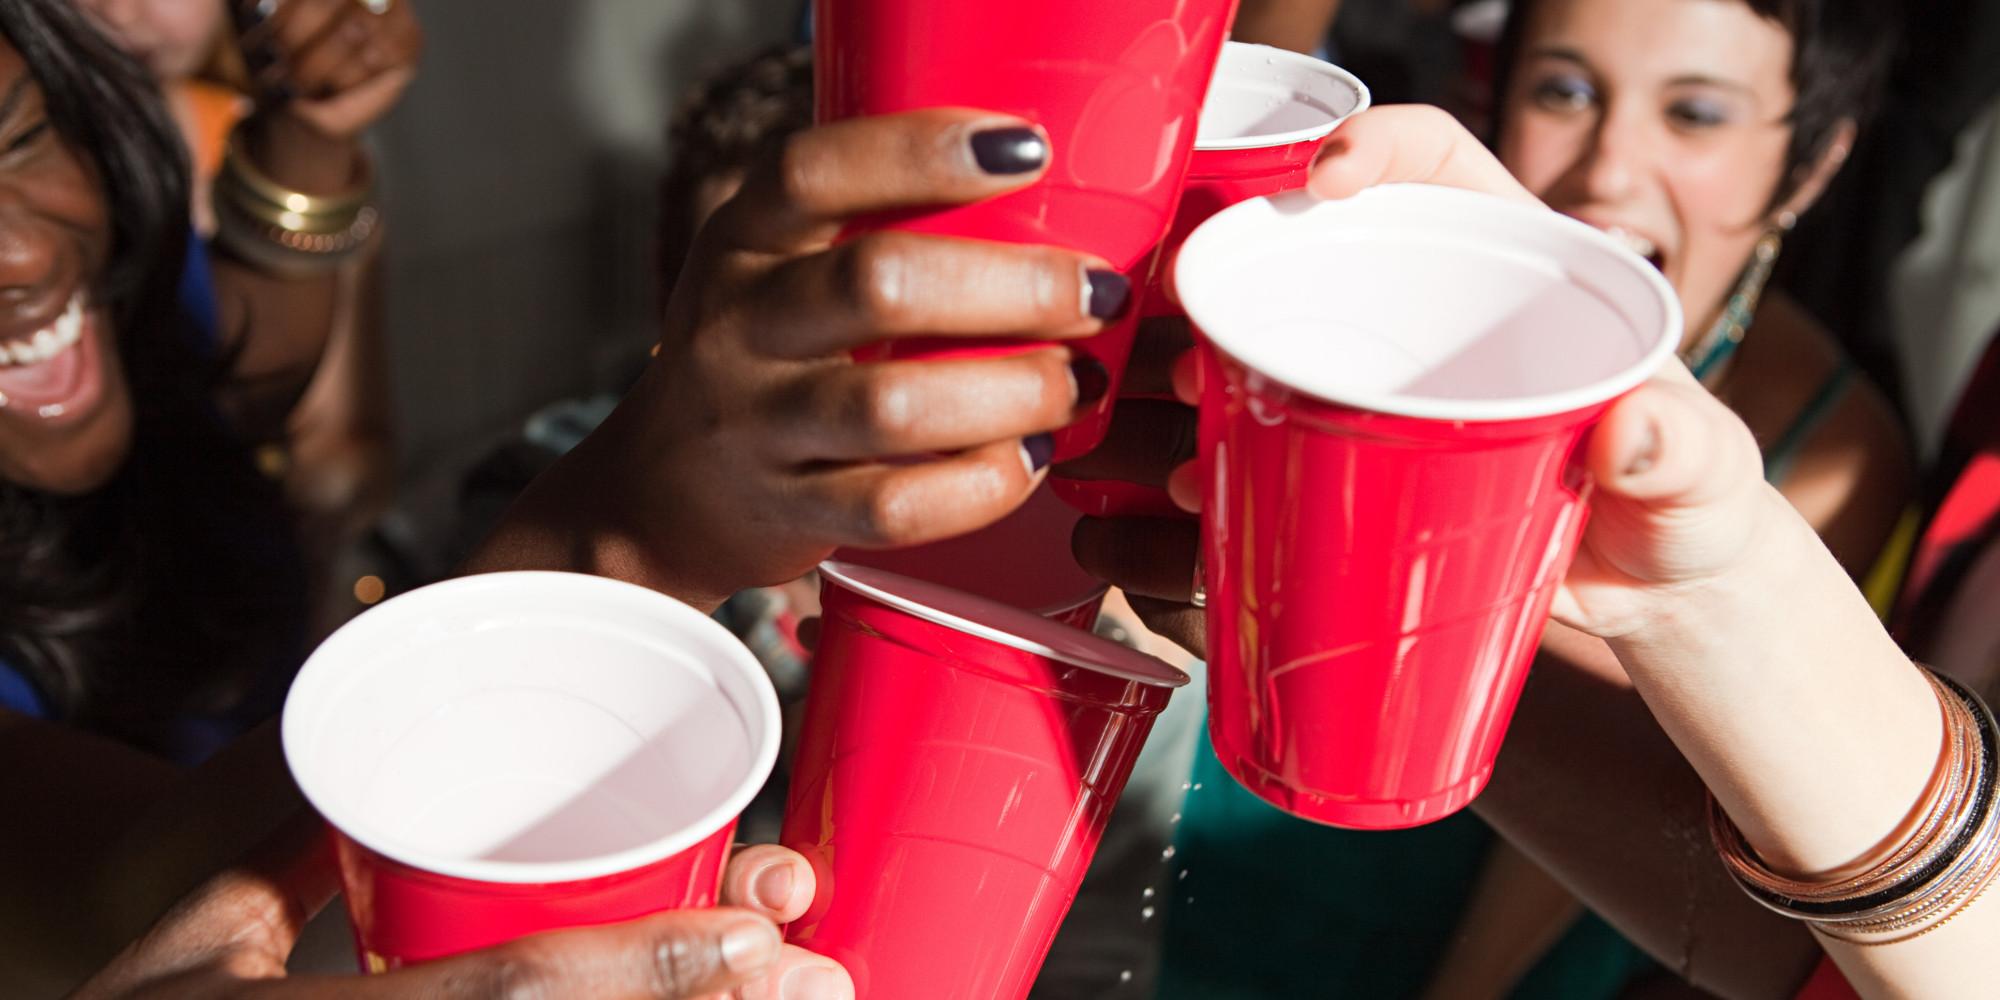 College party l'alcol era nell'aria